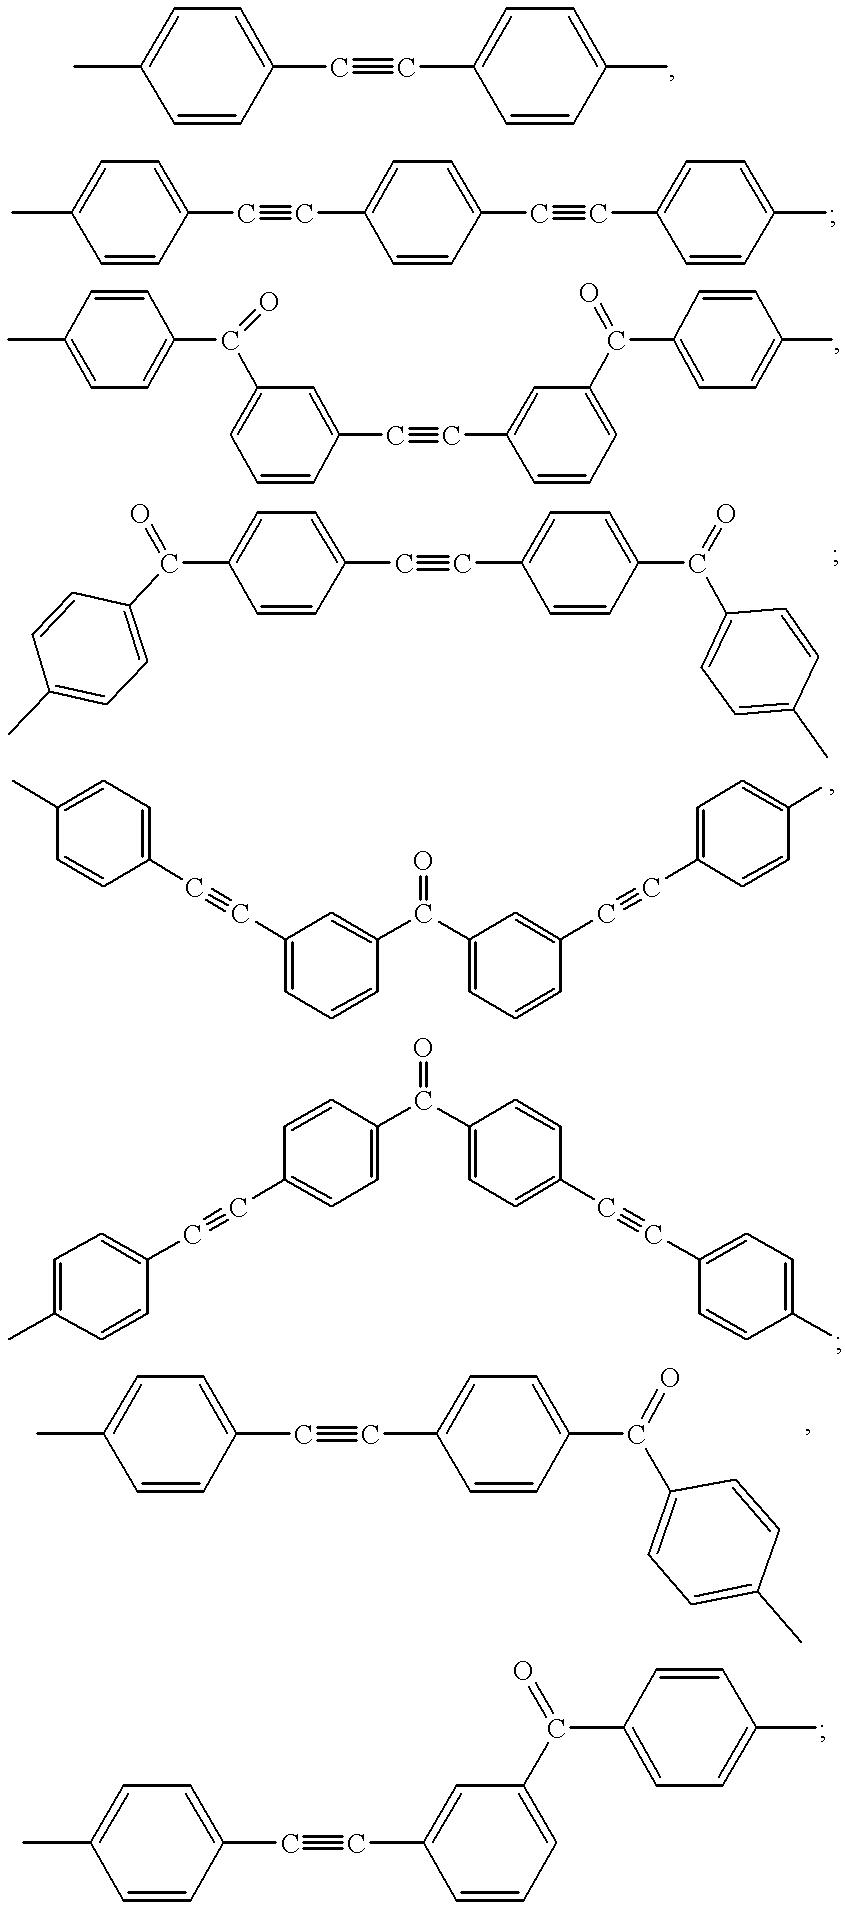 Figure US06207555-20010327-C00006